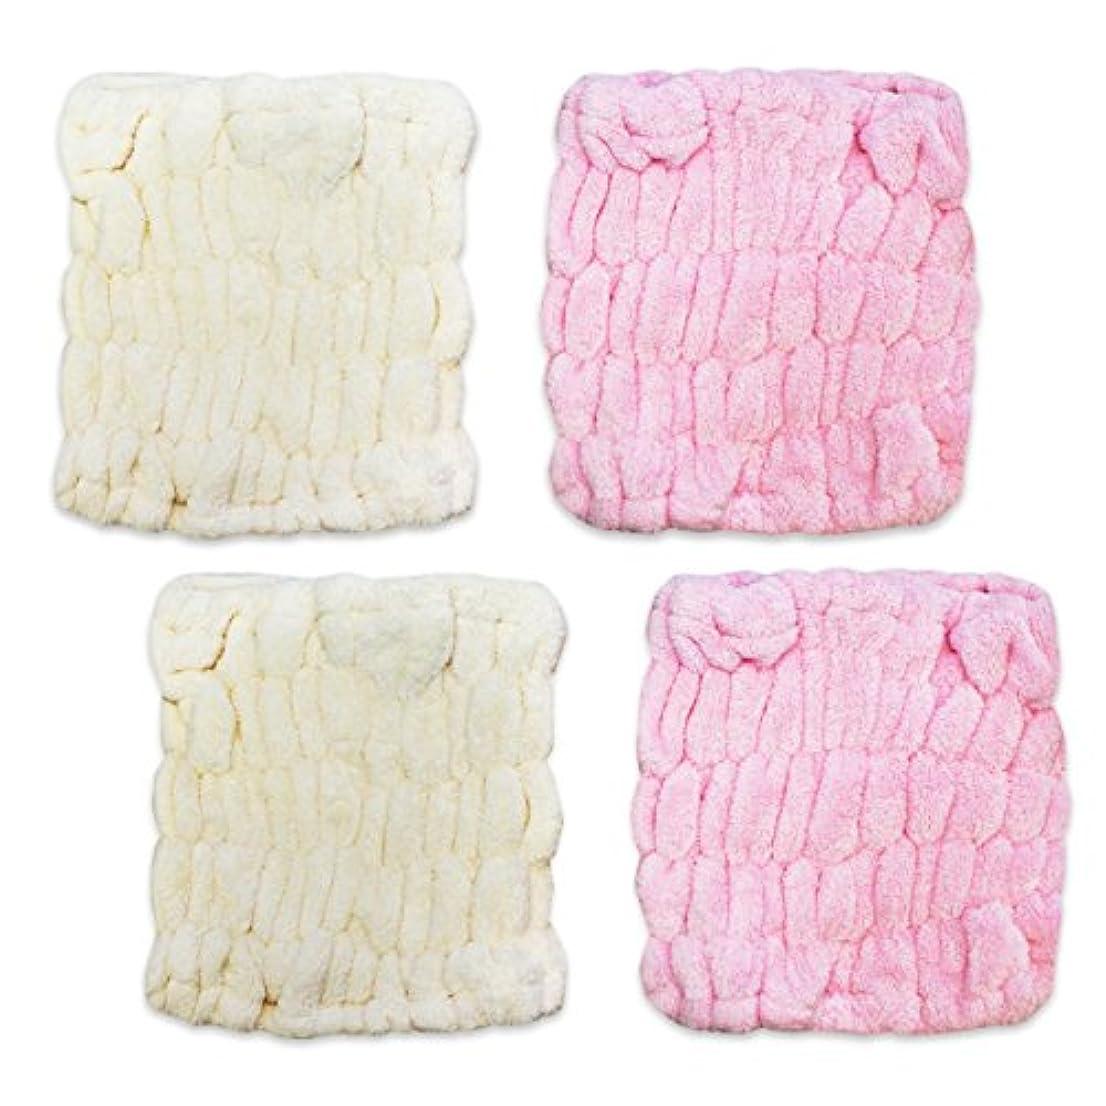 作成者既婚収束するふんわり 柔らか マイクロ ファイバー 吸水 ヘアターバン 2色 4枚組(ピンク&アイボリー)